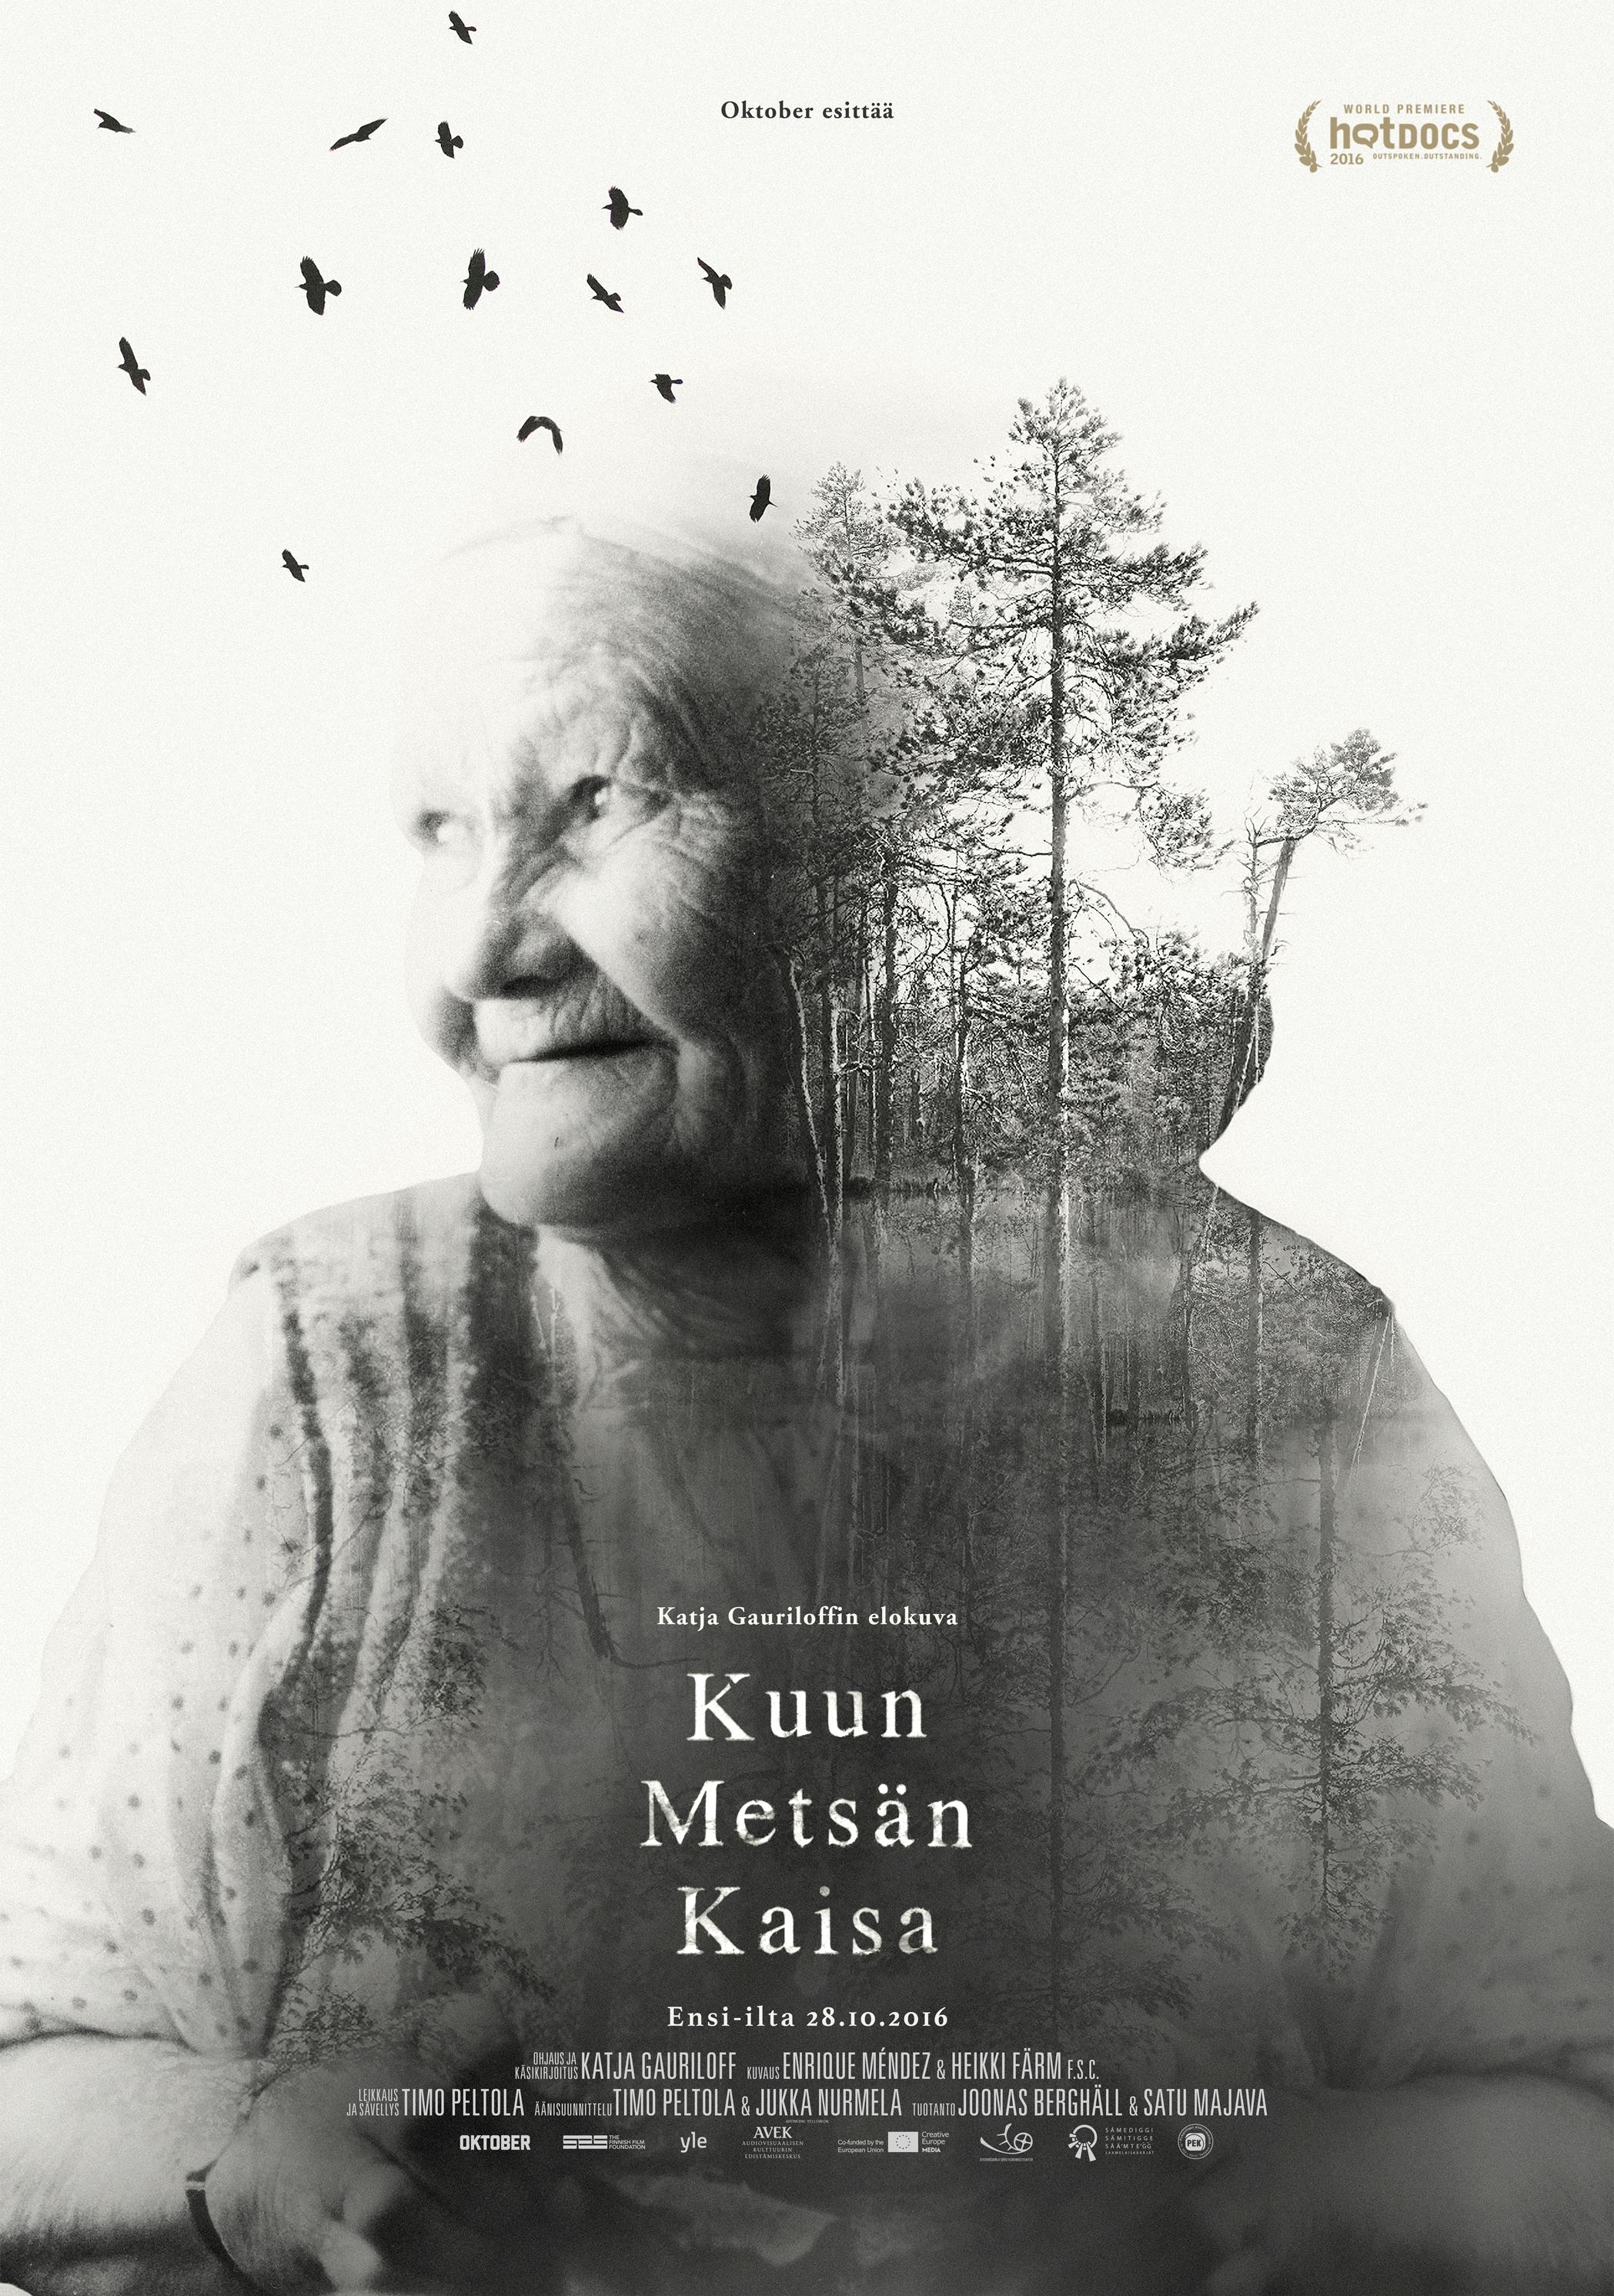 kuun_metsan_kaisa_juliste